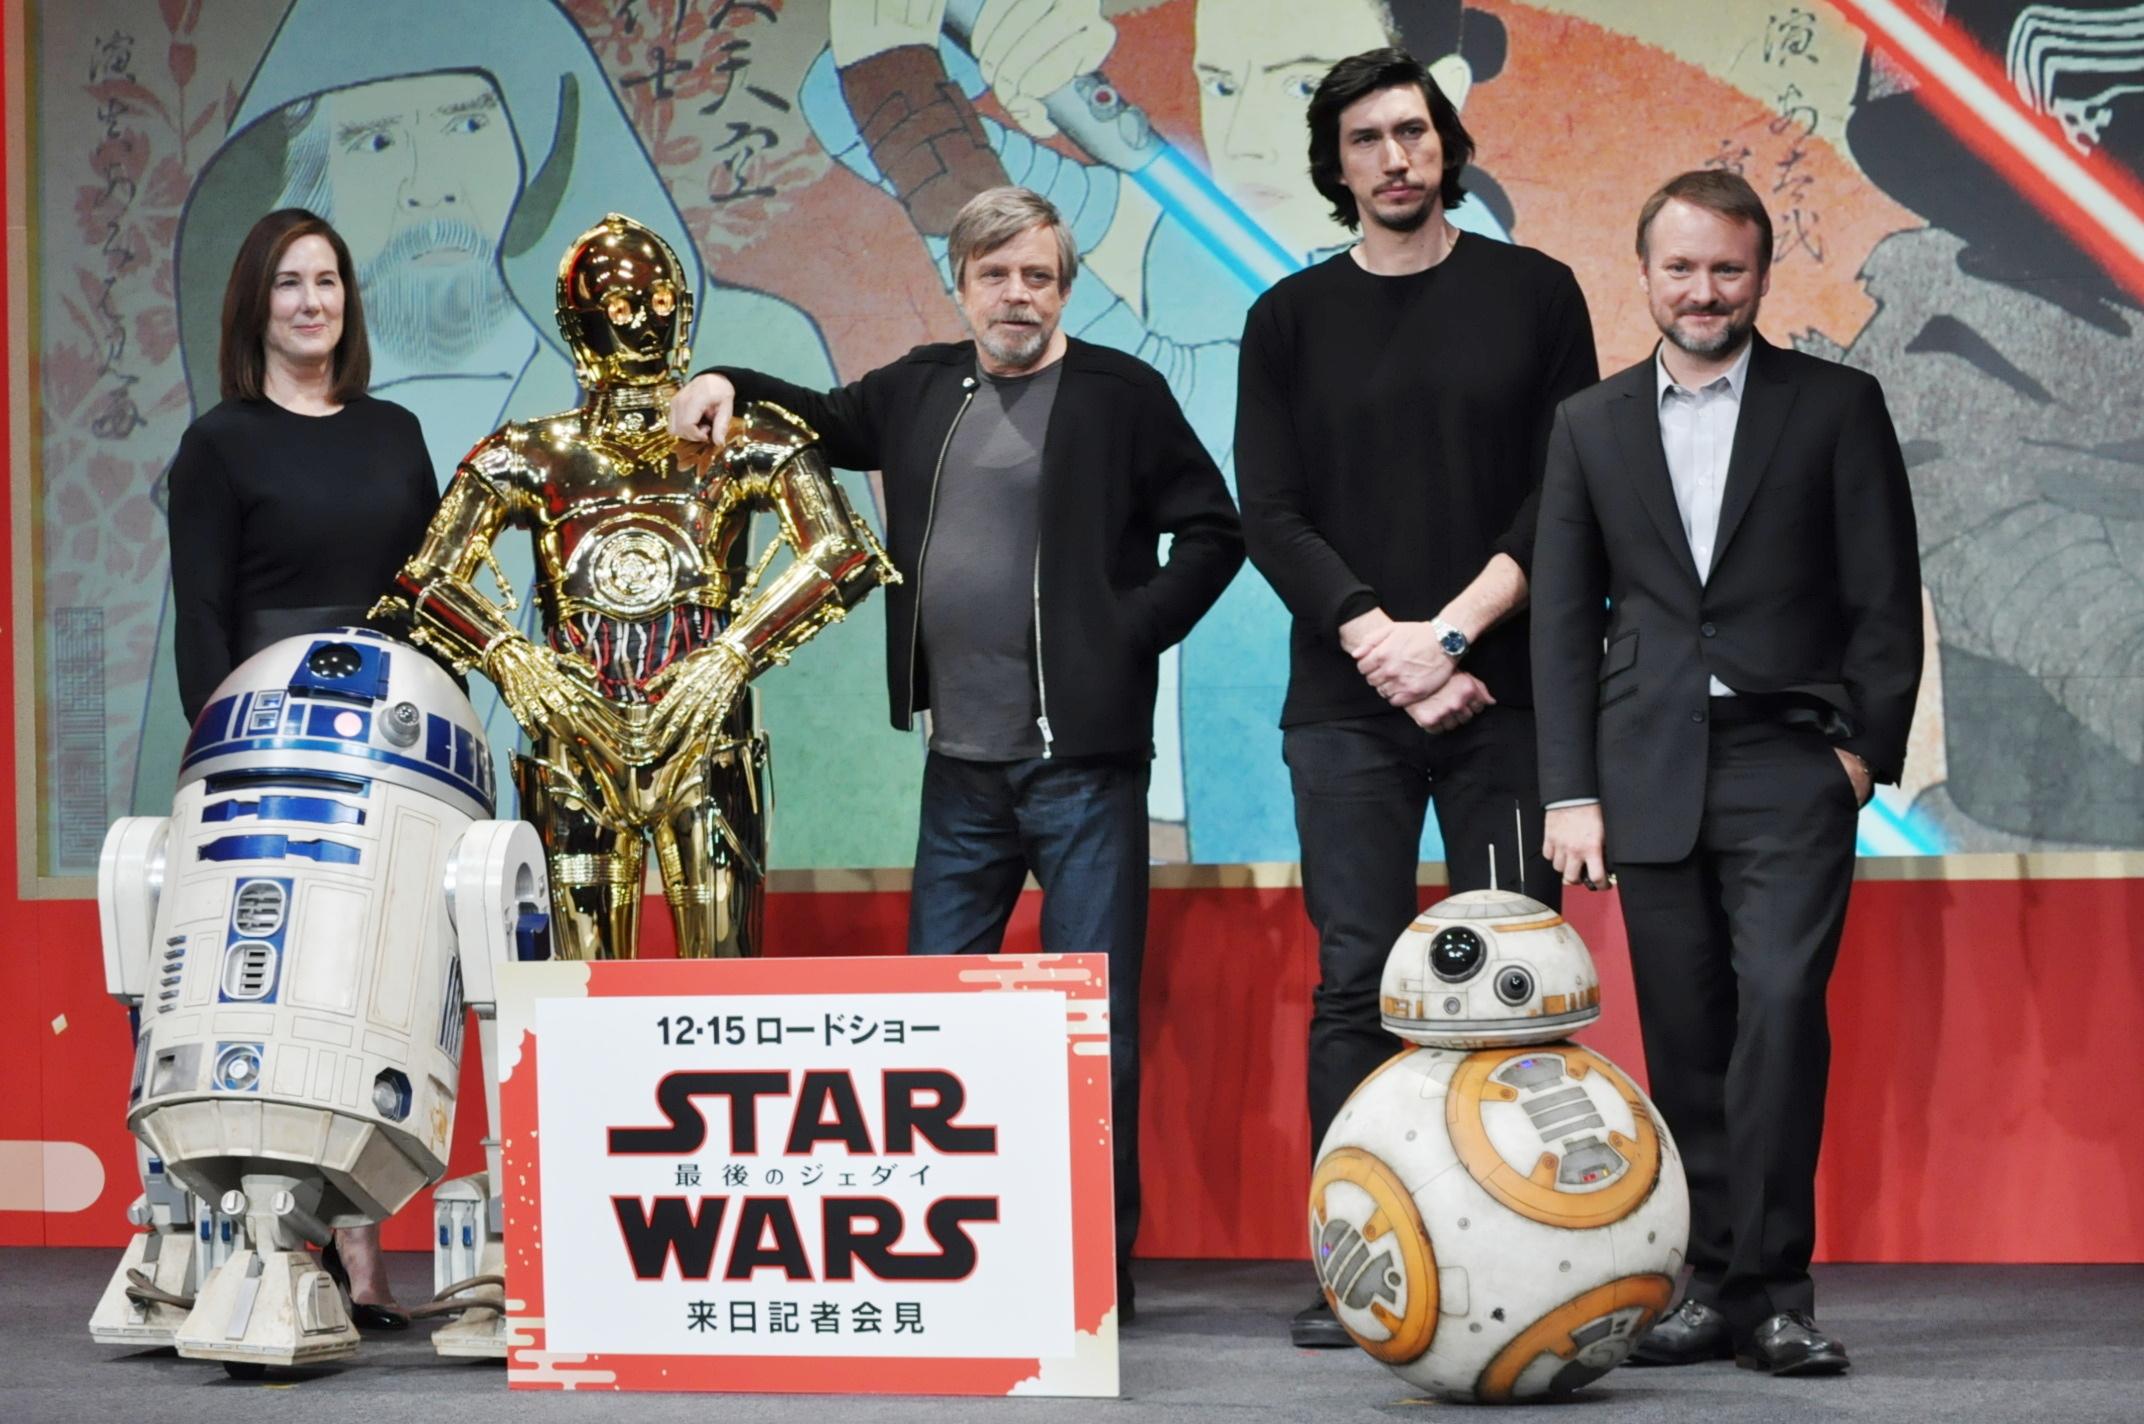 左から、キャスリーン・ケネディ、R2-D2、C-3PO、マーク・ハミル、アダム・ドライバー、BB-8、ライアン・ションソン監督